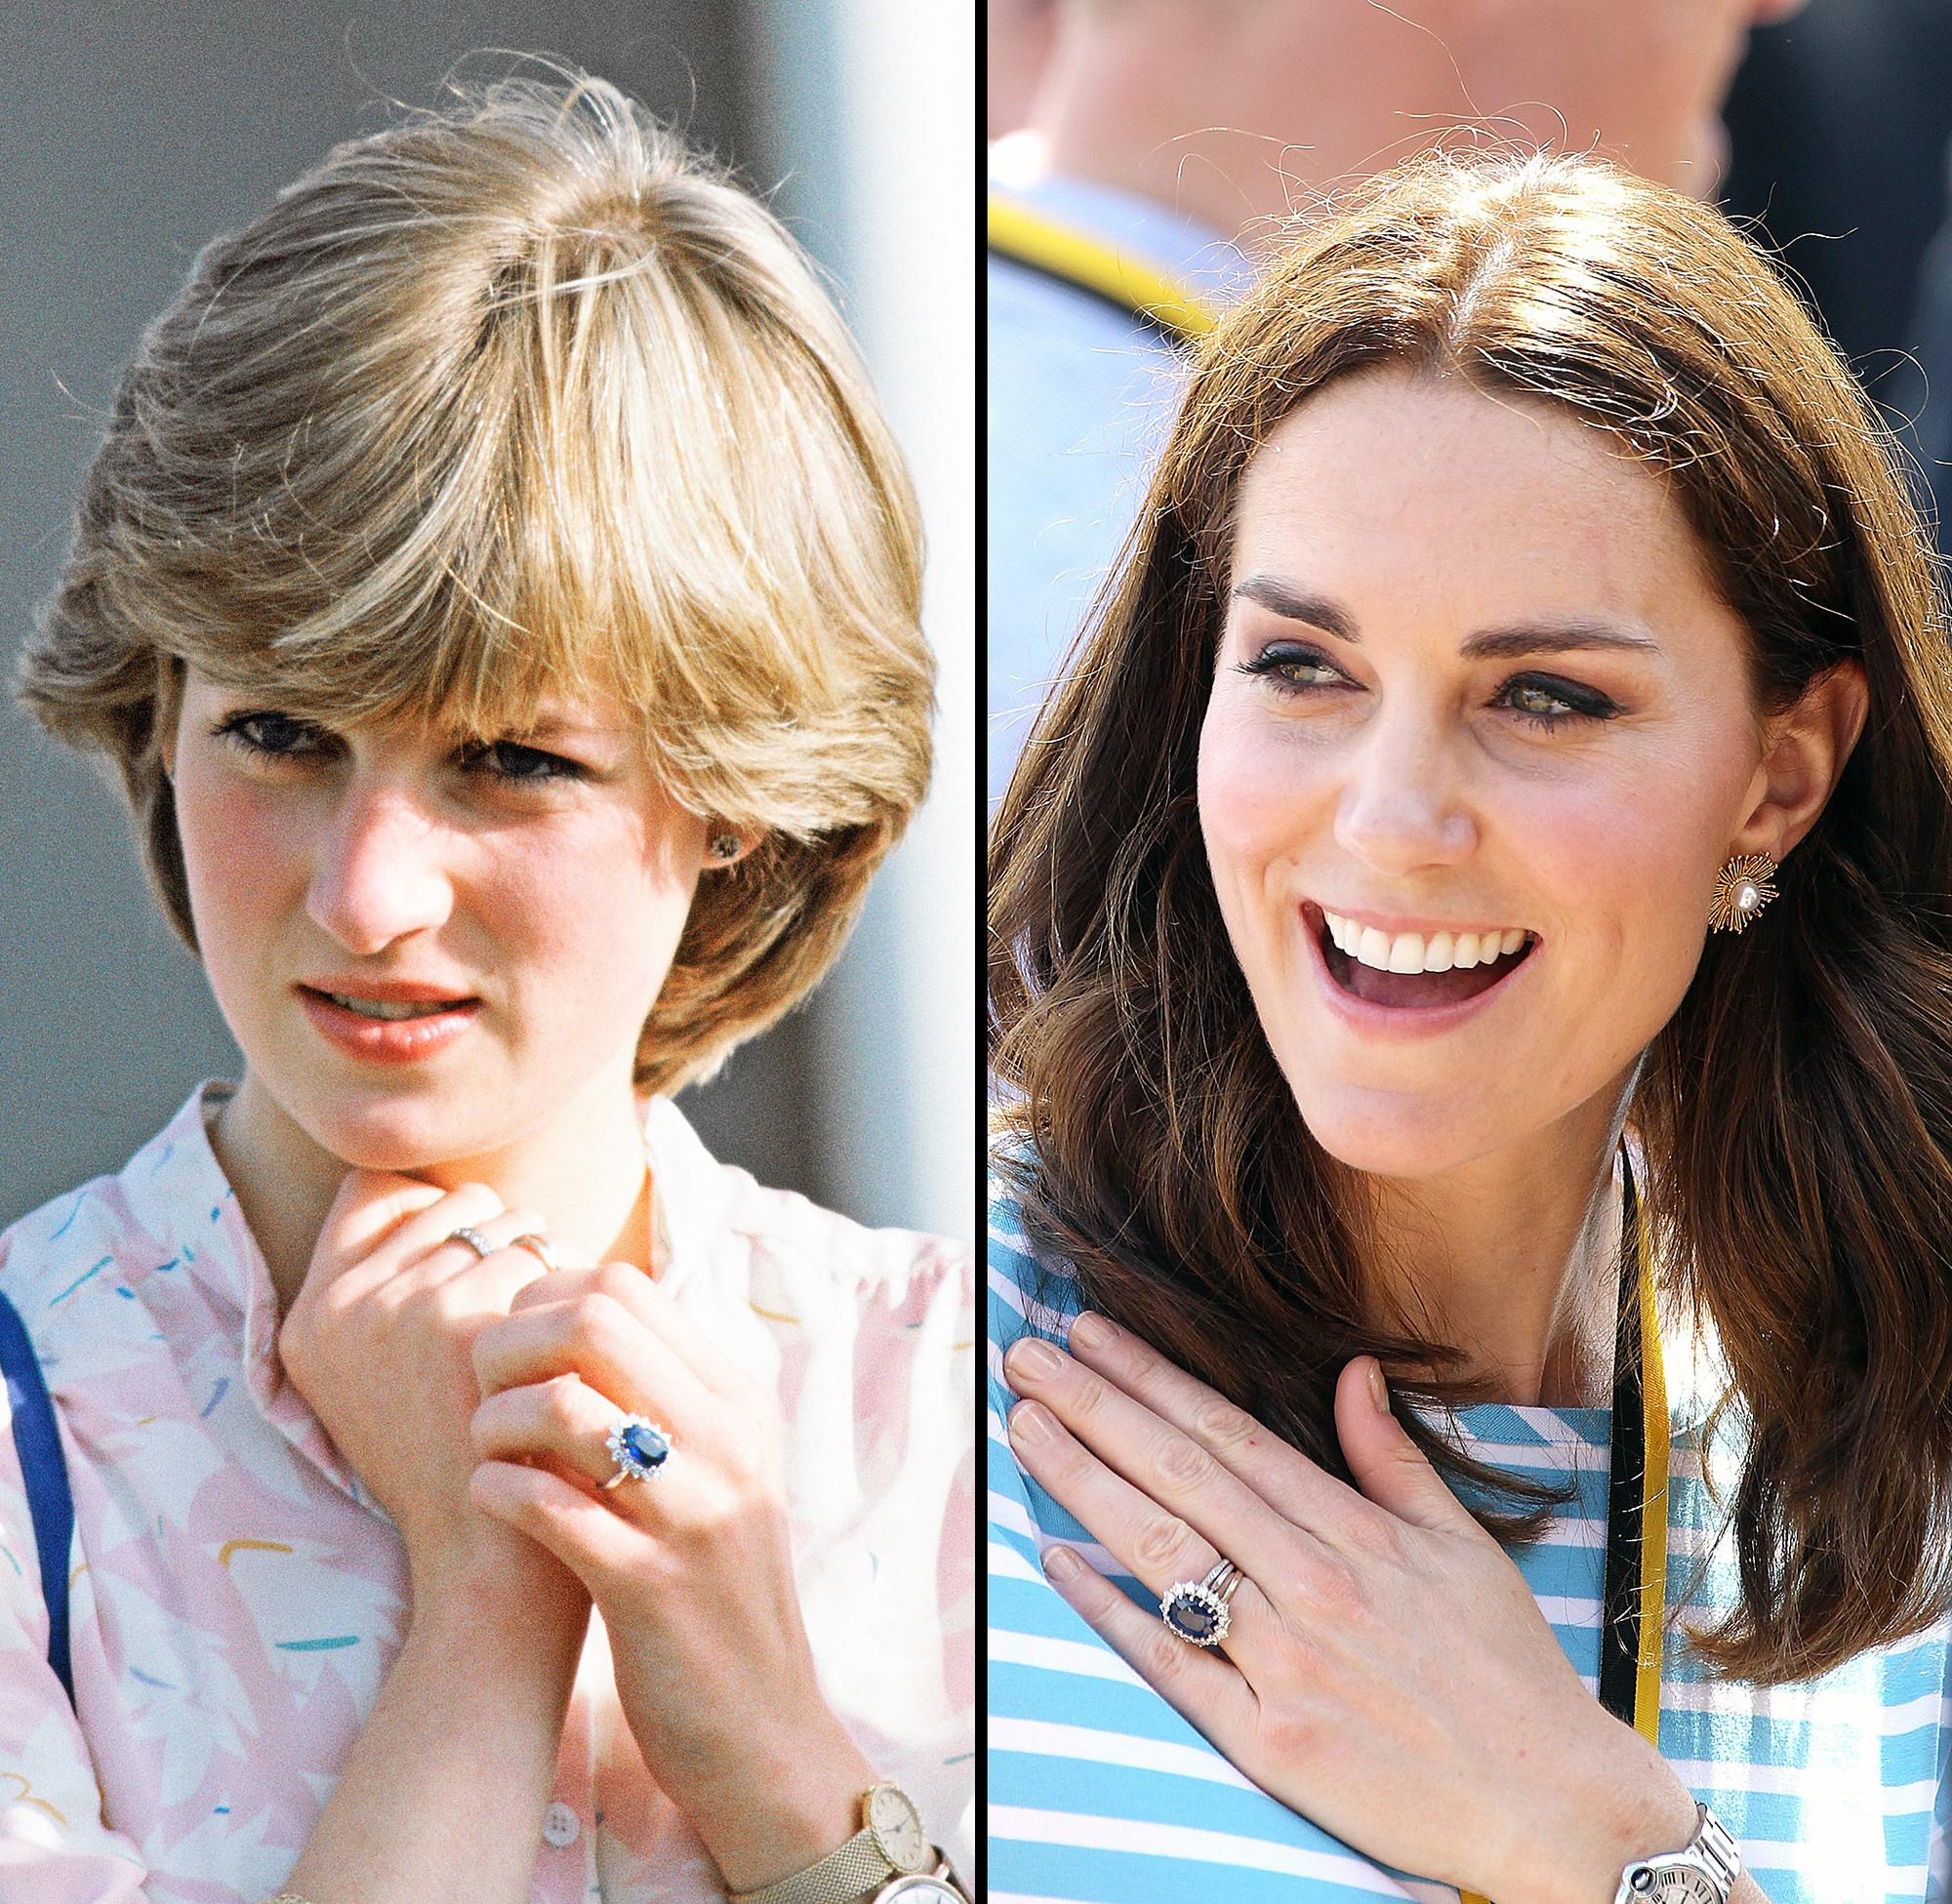 Không phải Meghan, Công nương Diana mới chính là nàng dâu liên tục phá vỡ quy tắc hoàng gia, đến Nữ hoàng Anh cũng phải nhượng bộ - Ảnh 1.